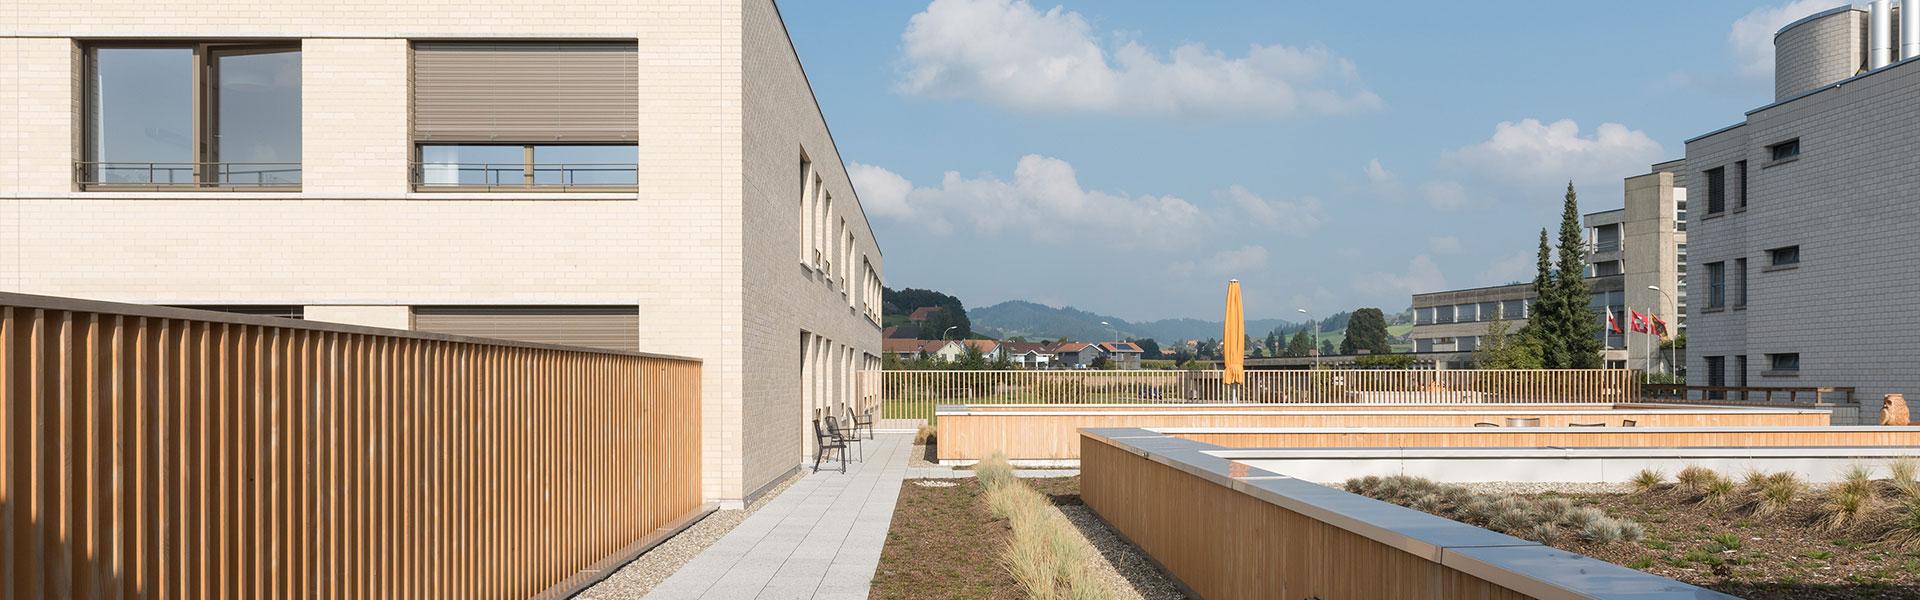 Anmeldung Heimeintritt - Alterszentrum Sumiswald AG